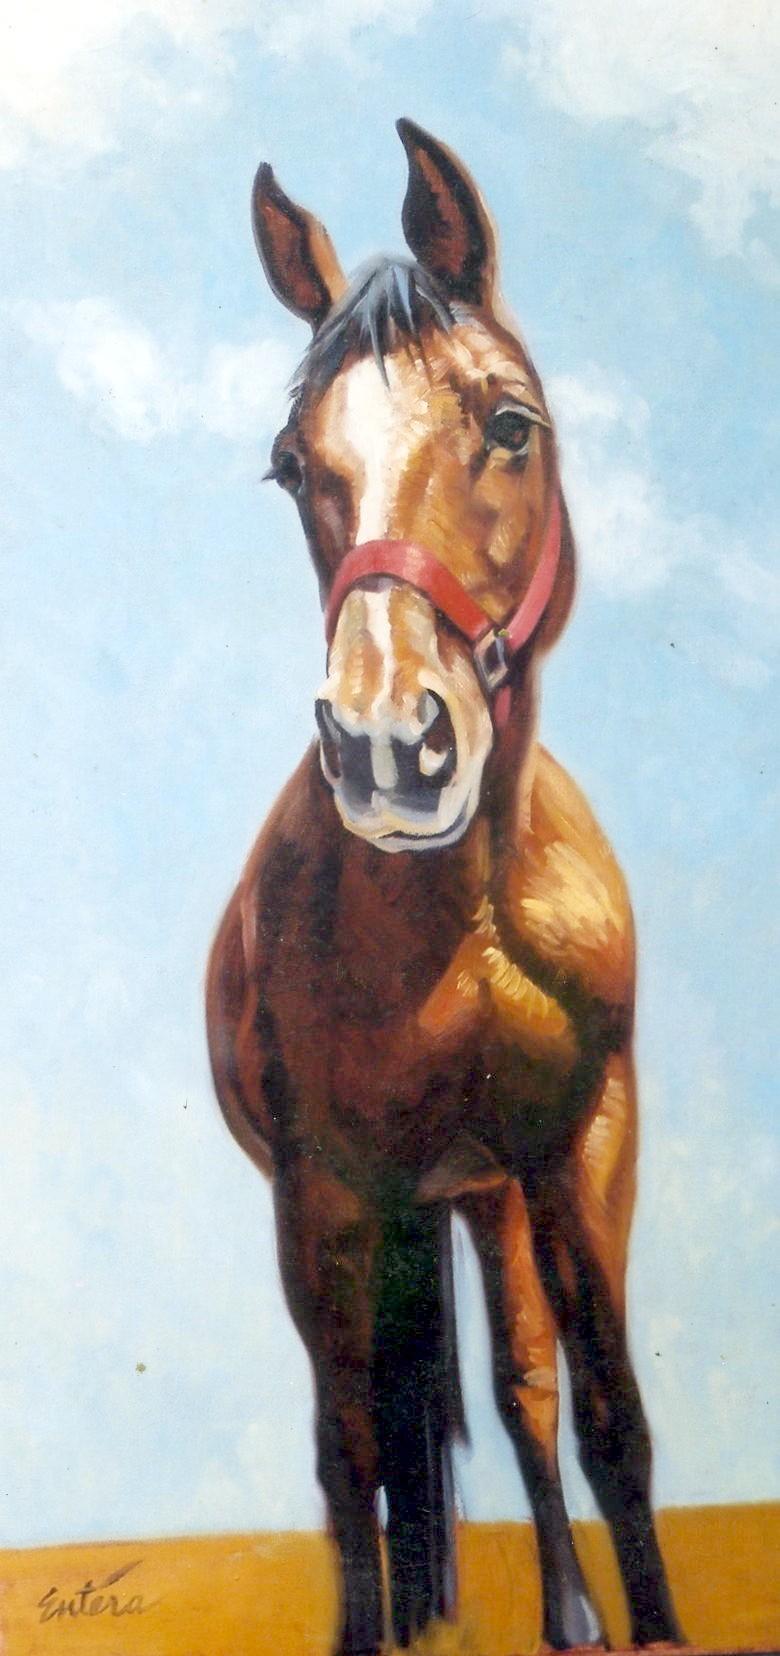 curious_horse.jpg